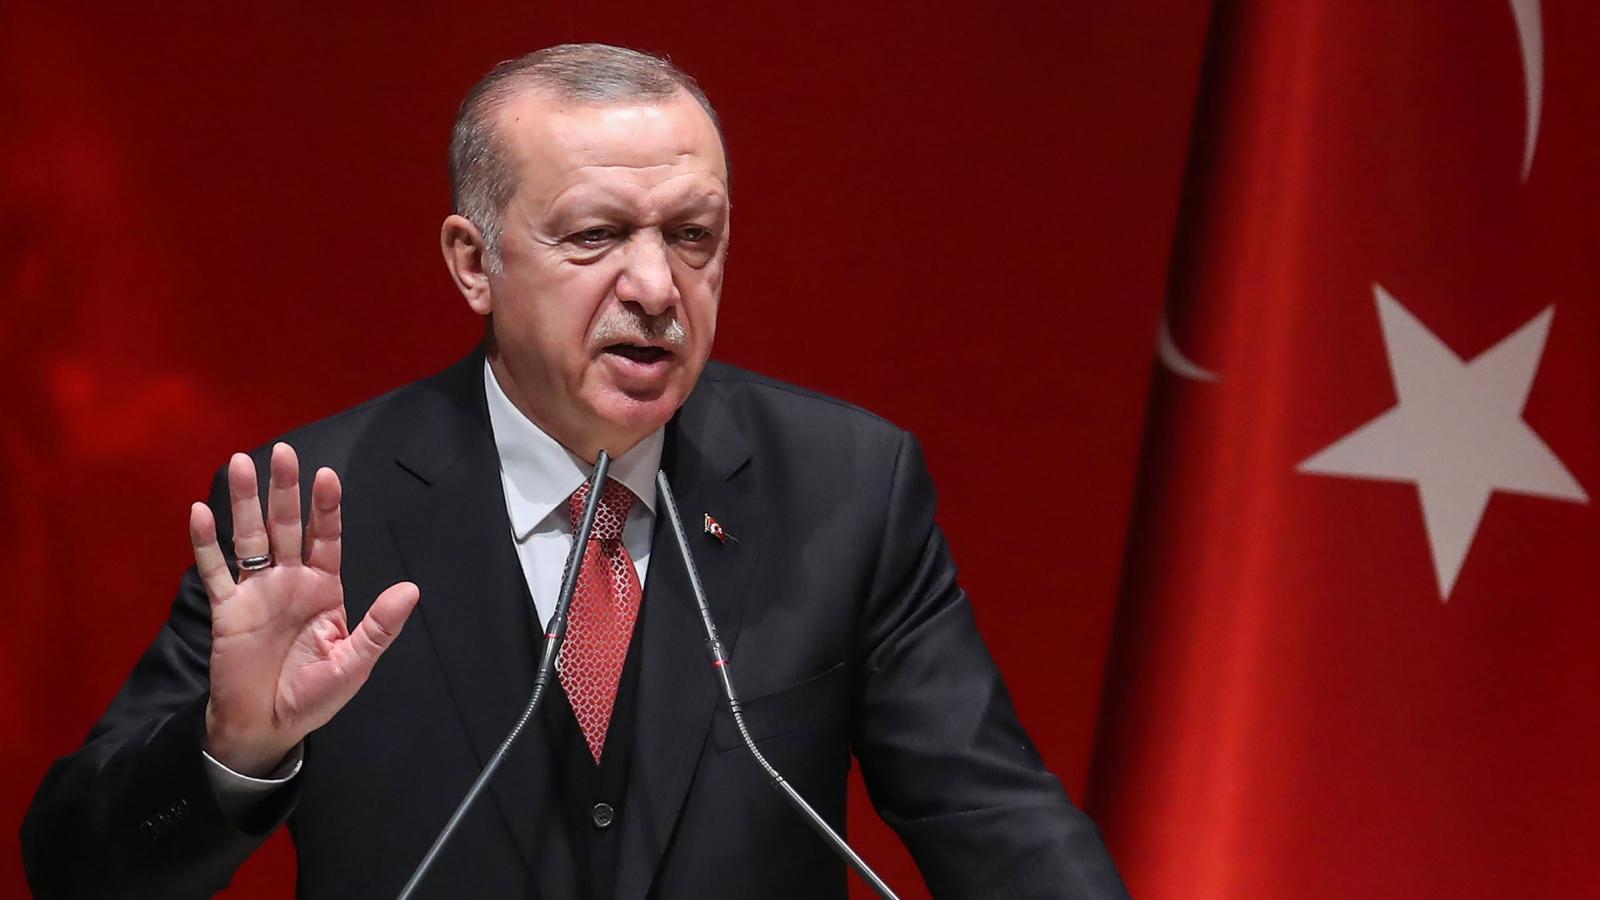 Thổ Nhĩ Kỳ cáo buộc Nga, Mỹ, Pháp đang cung cấp vũ khí cho Armenia